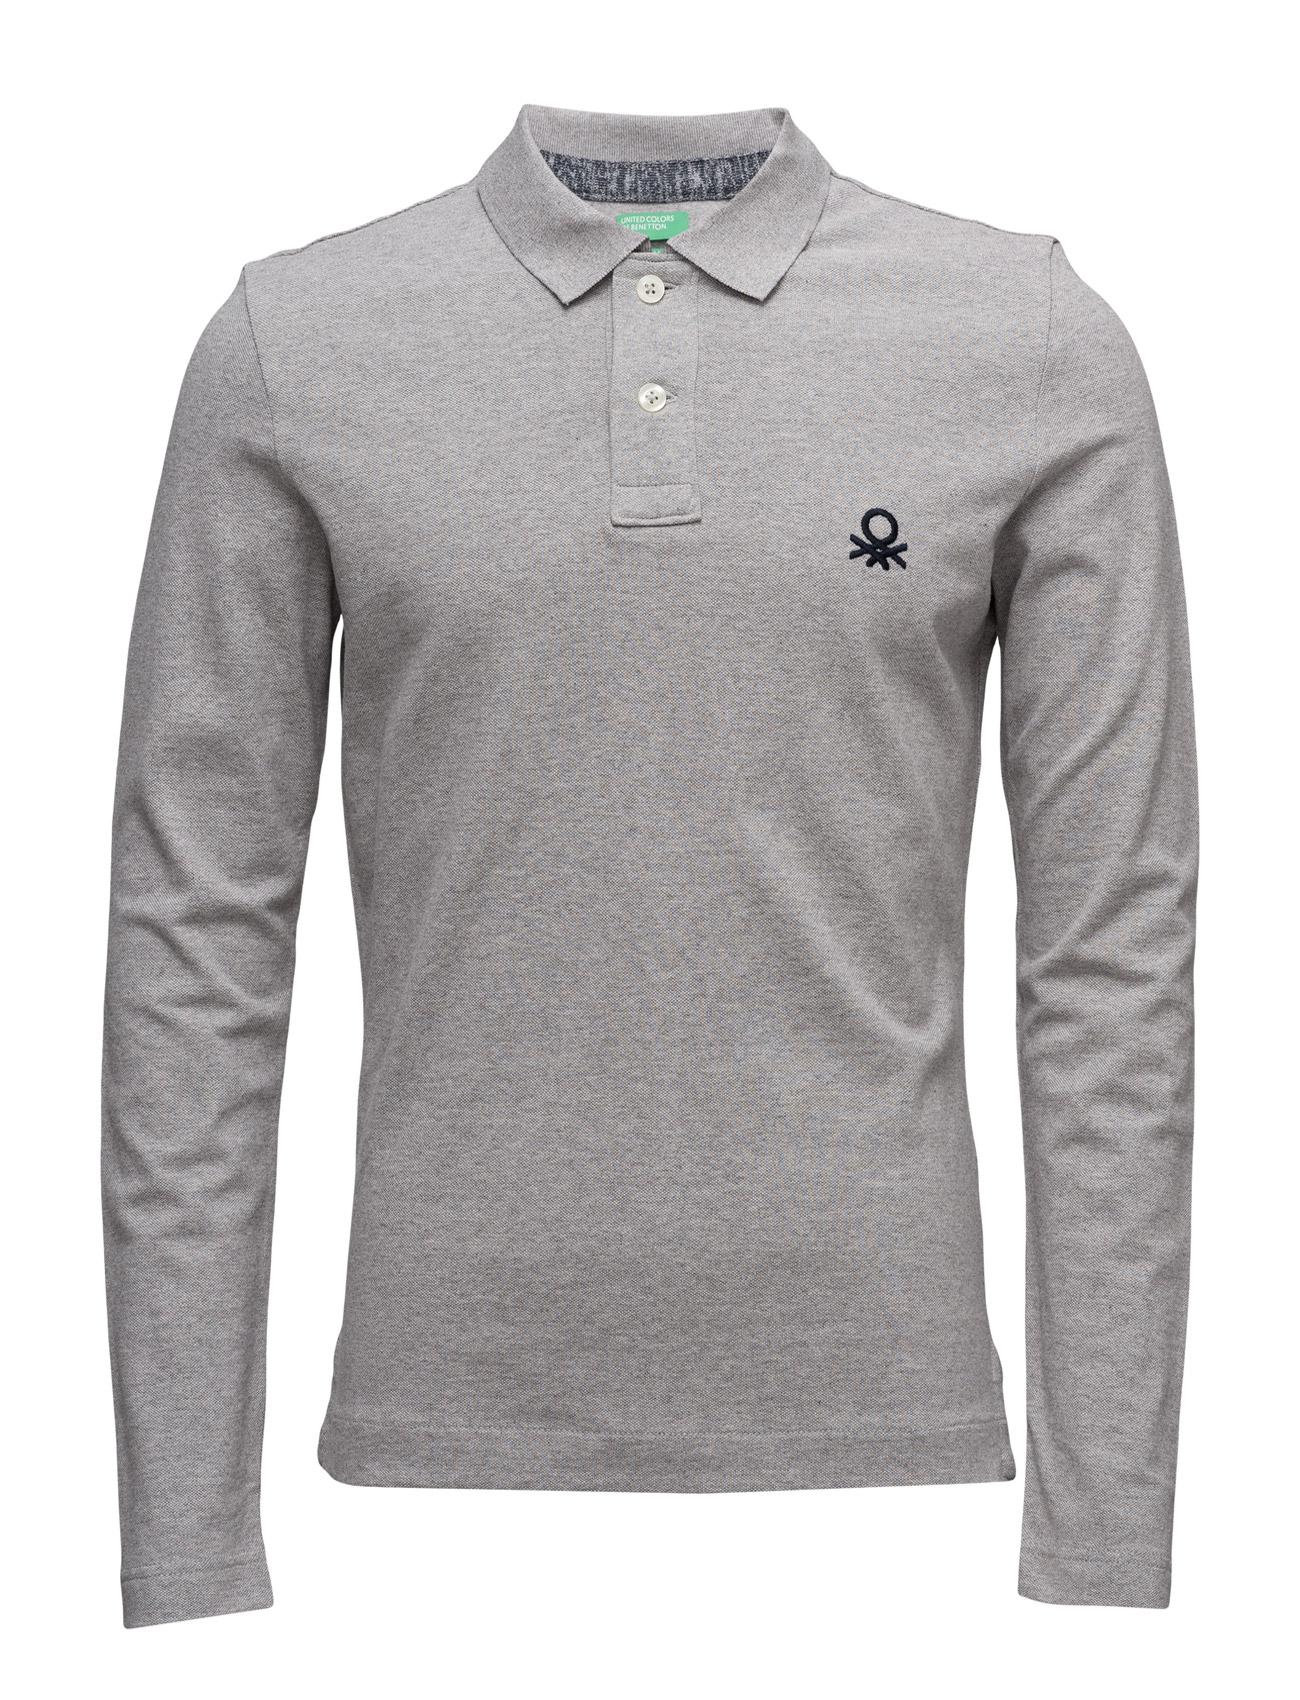 L/S Polo Shirt United Colors of Benetton Længærmede polo t-shirts til Herrer i Grey Melange